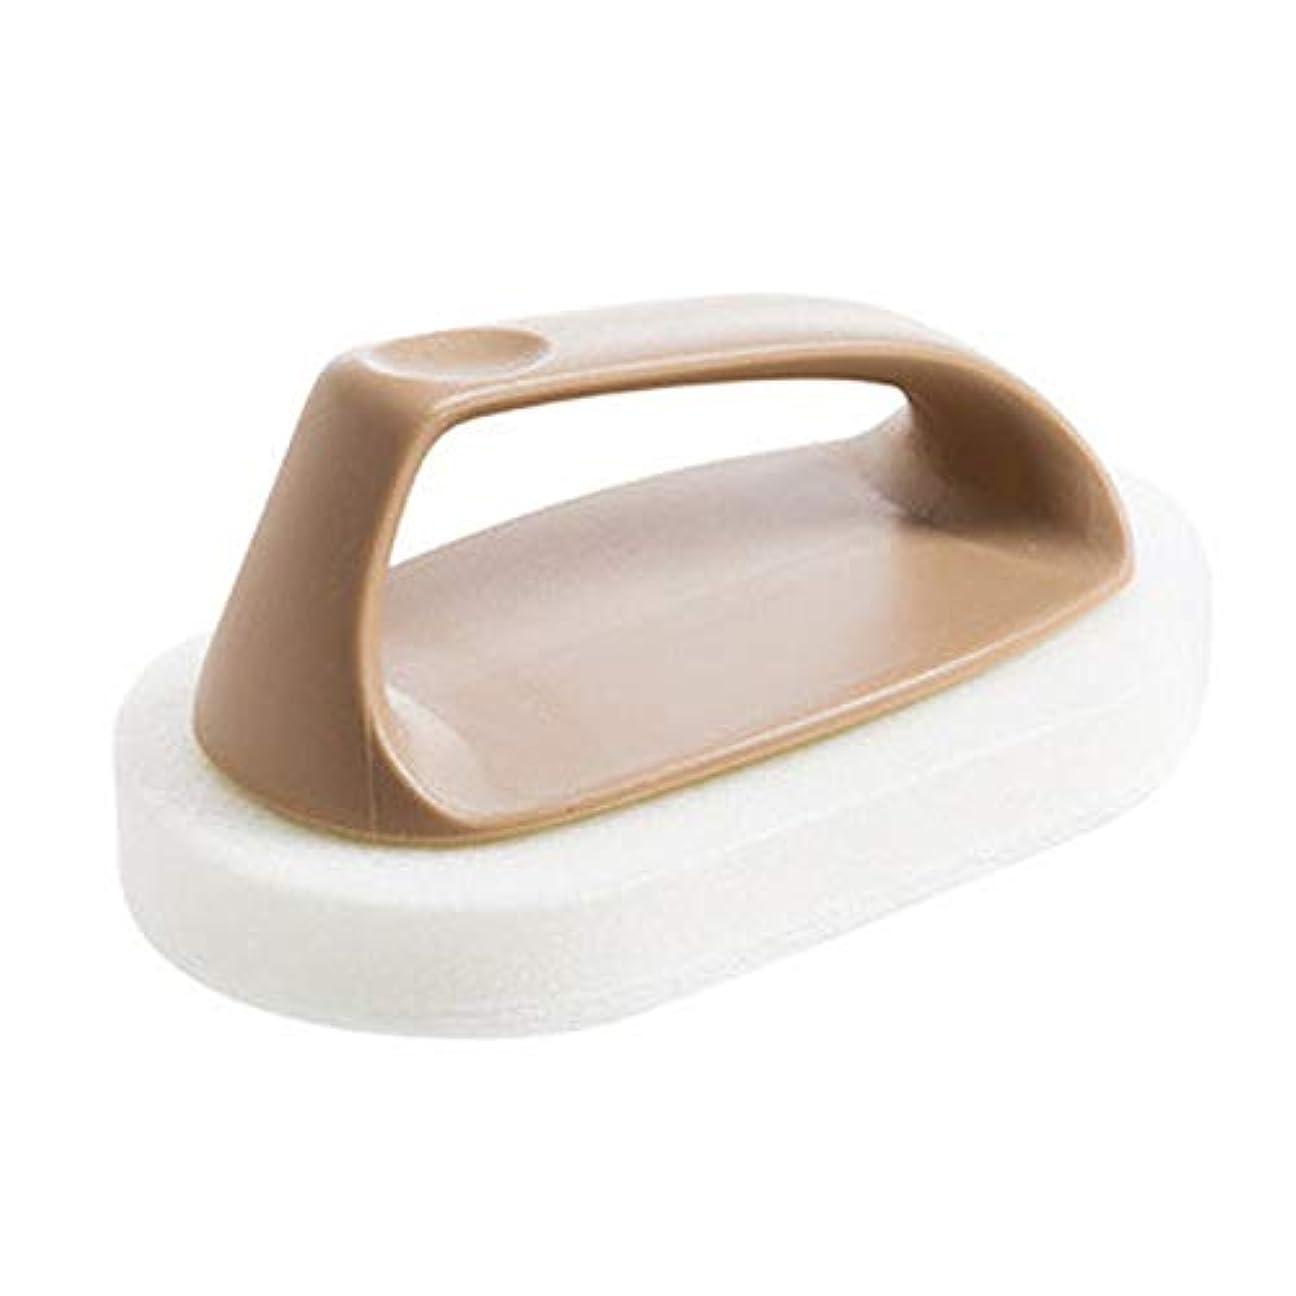 不利益ボタン抵当ポアクリーニング スポンジバスバスルーム強力な汚染除去タイルキッチンウォッシュポットクリーニングブラシストーブスポンジ2 PC マッサージブラシ (色 : 褐色)